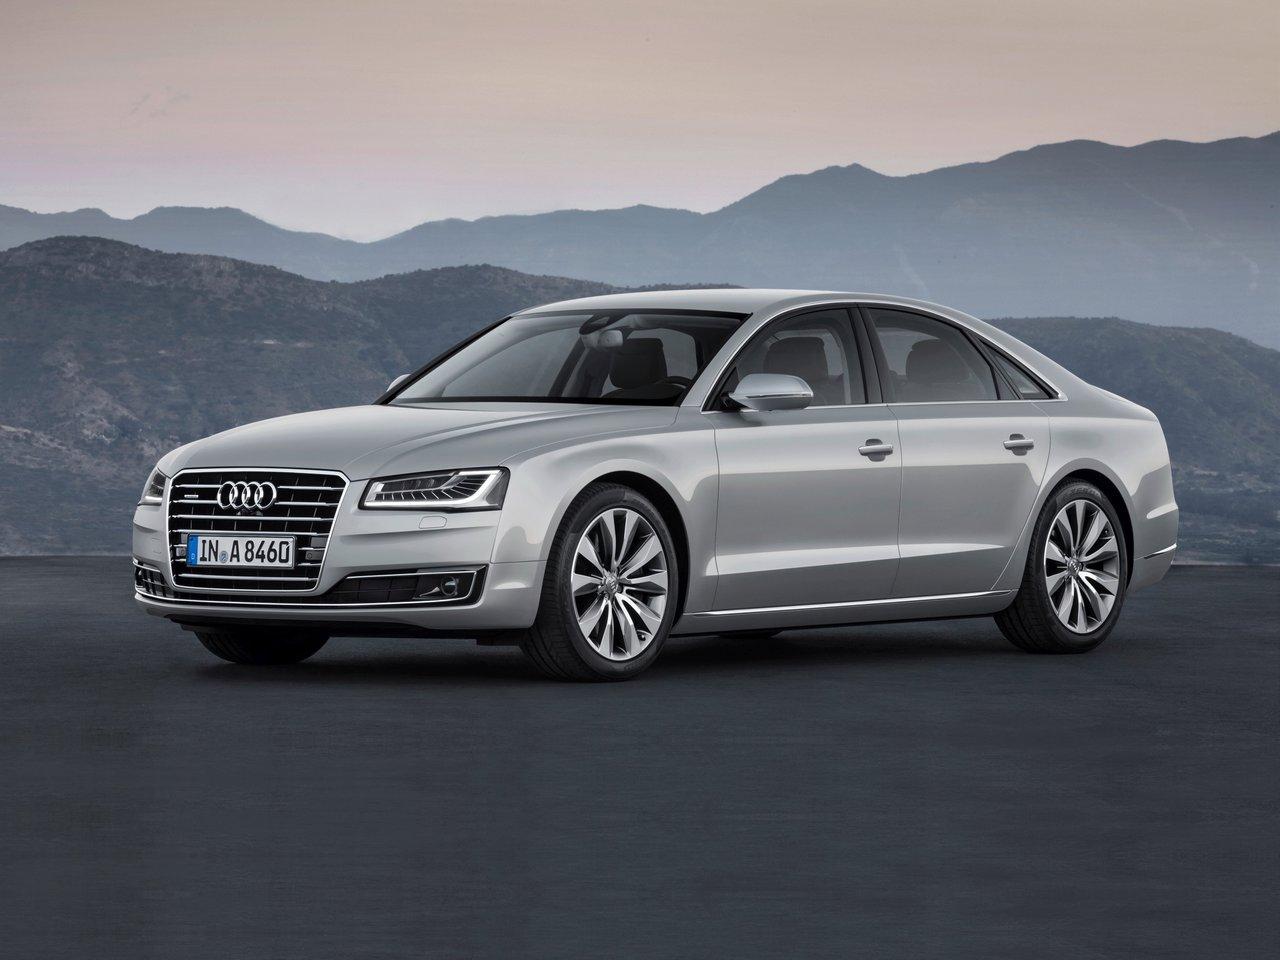 Снимки: Audi A8 (D4) Facelift